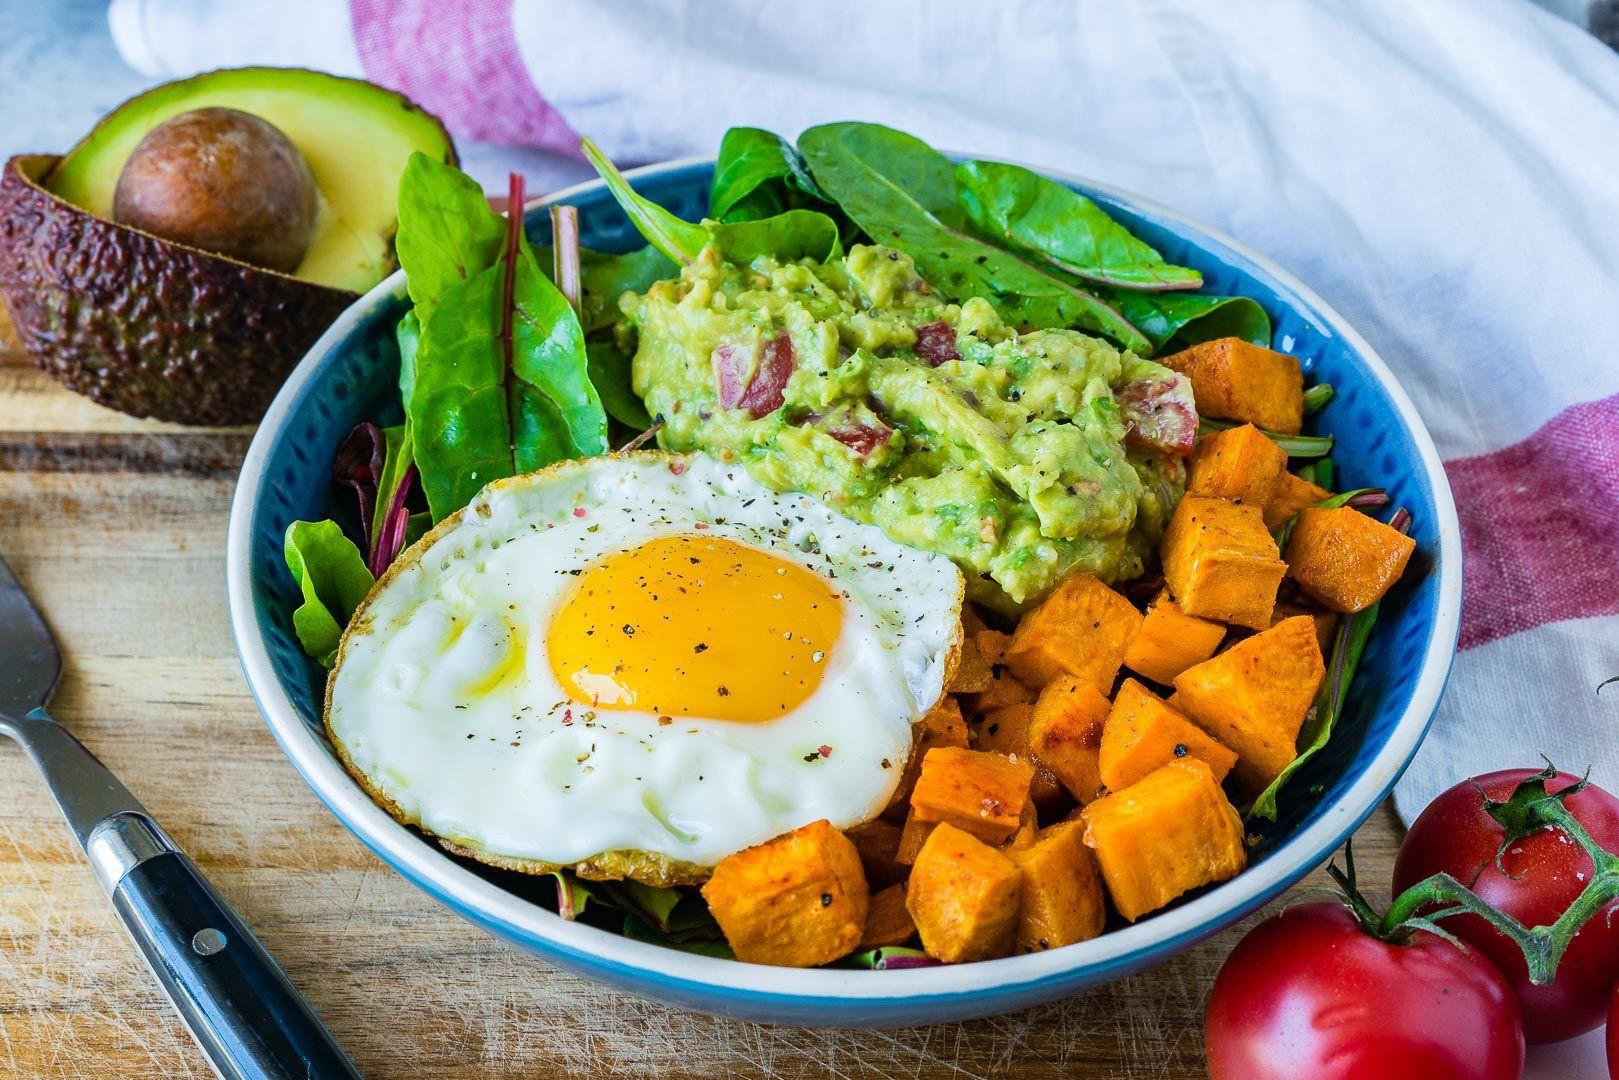 Muốn có bữa ăn trưa chuẩn eat clean để giảm cân giữ dáng: HLV chỉ ra mẹo hay để ai cũng có thể áp dụng - Ảnh 1.